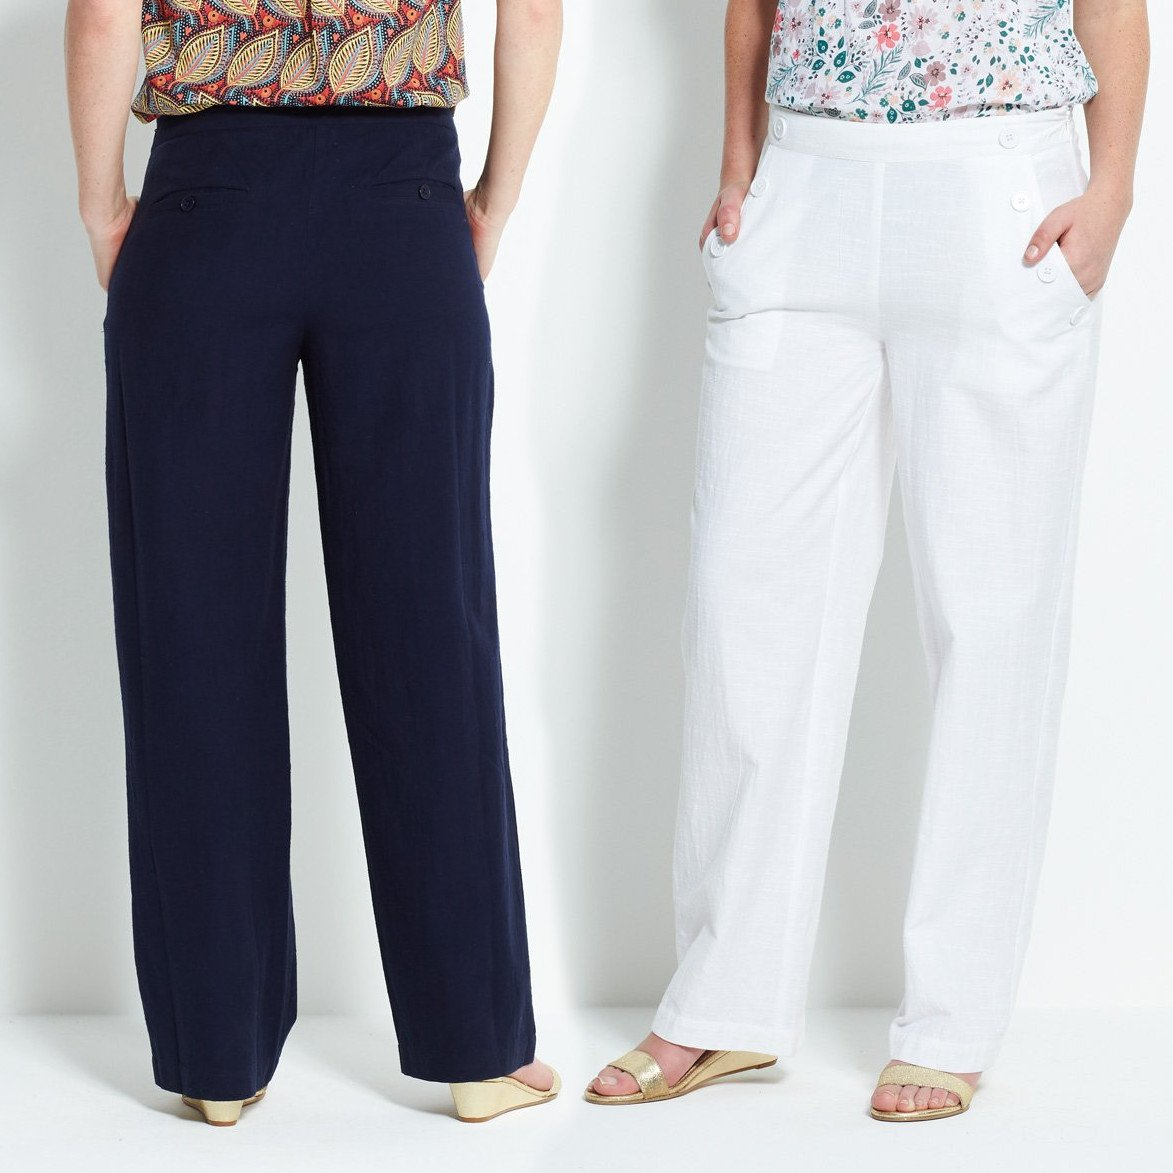 Fairtrade cotton Trouser